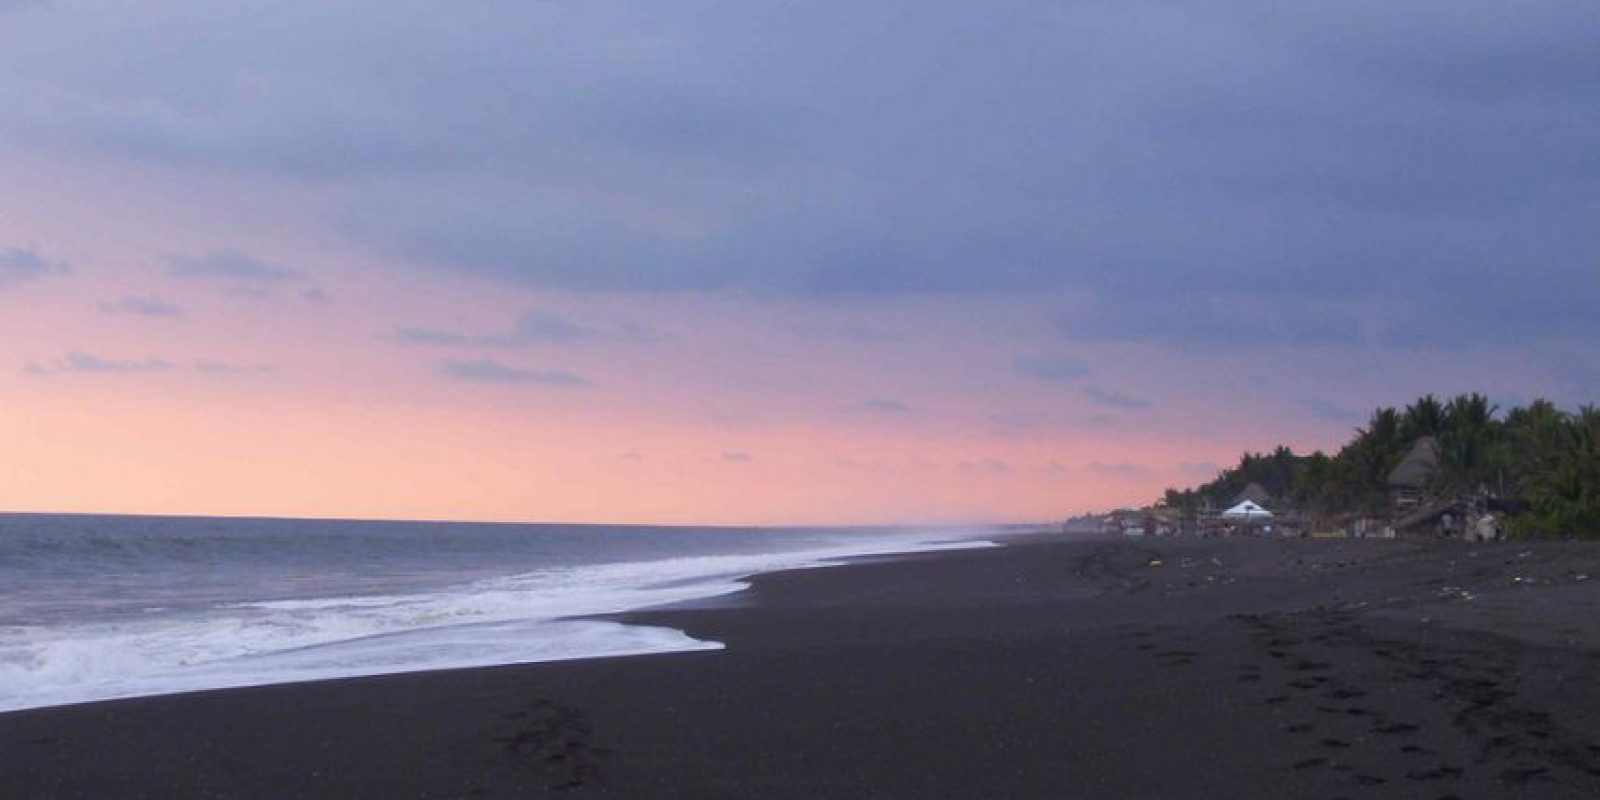 Y algunas de sus playas tienen arena negra, lo cual es totalmente desagradable. Foto:http://www.buzzfeed.com